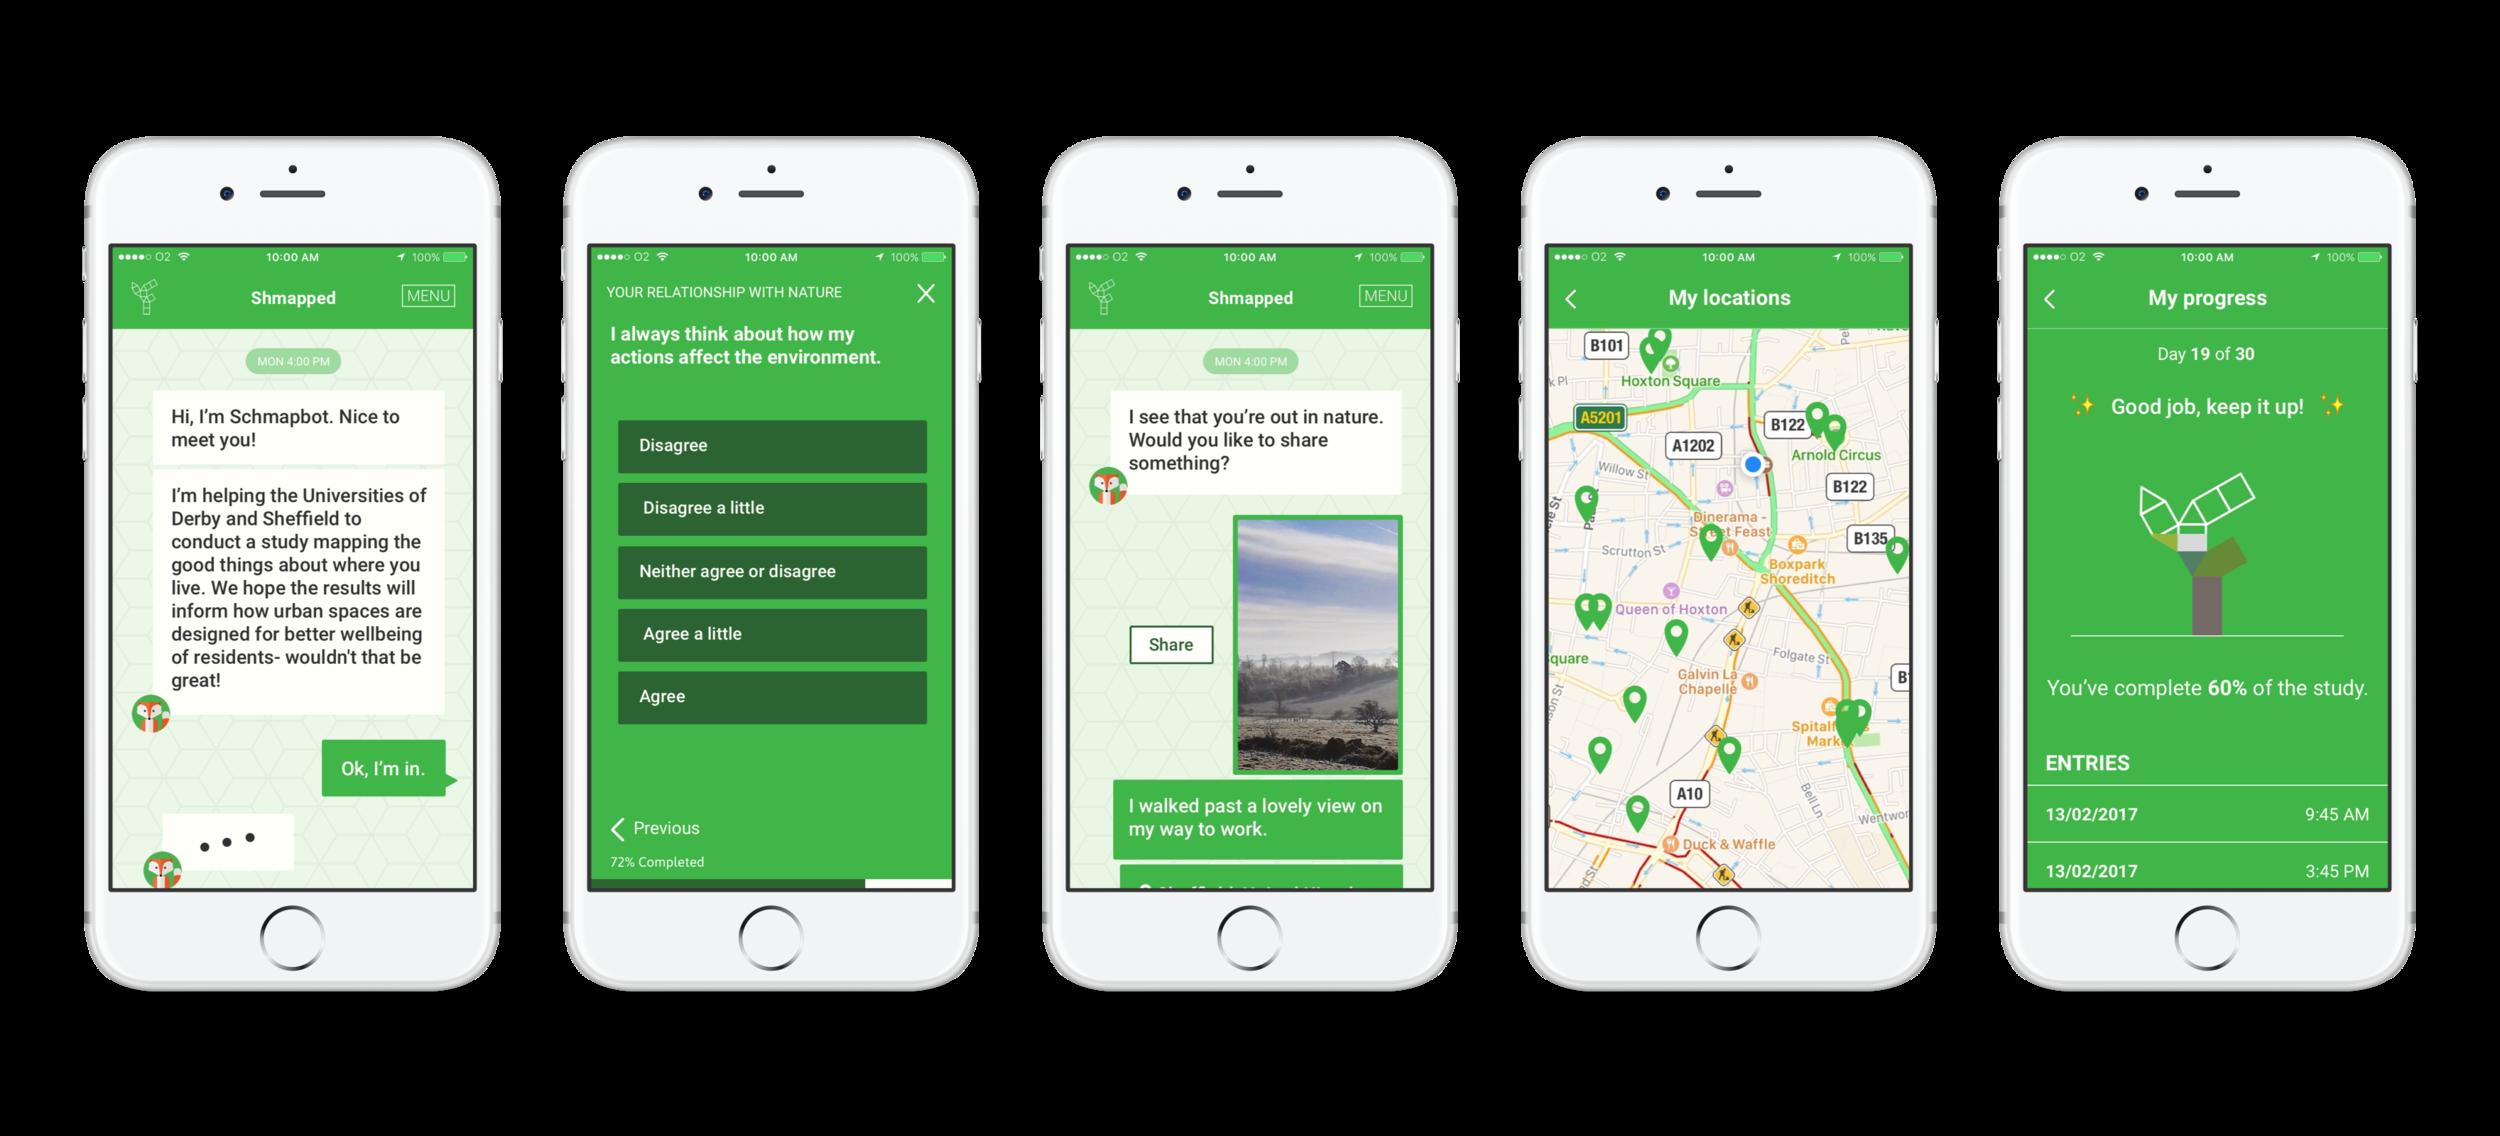 chatbot-app-shmapped-mobile-ui-design-inspiration